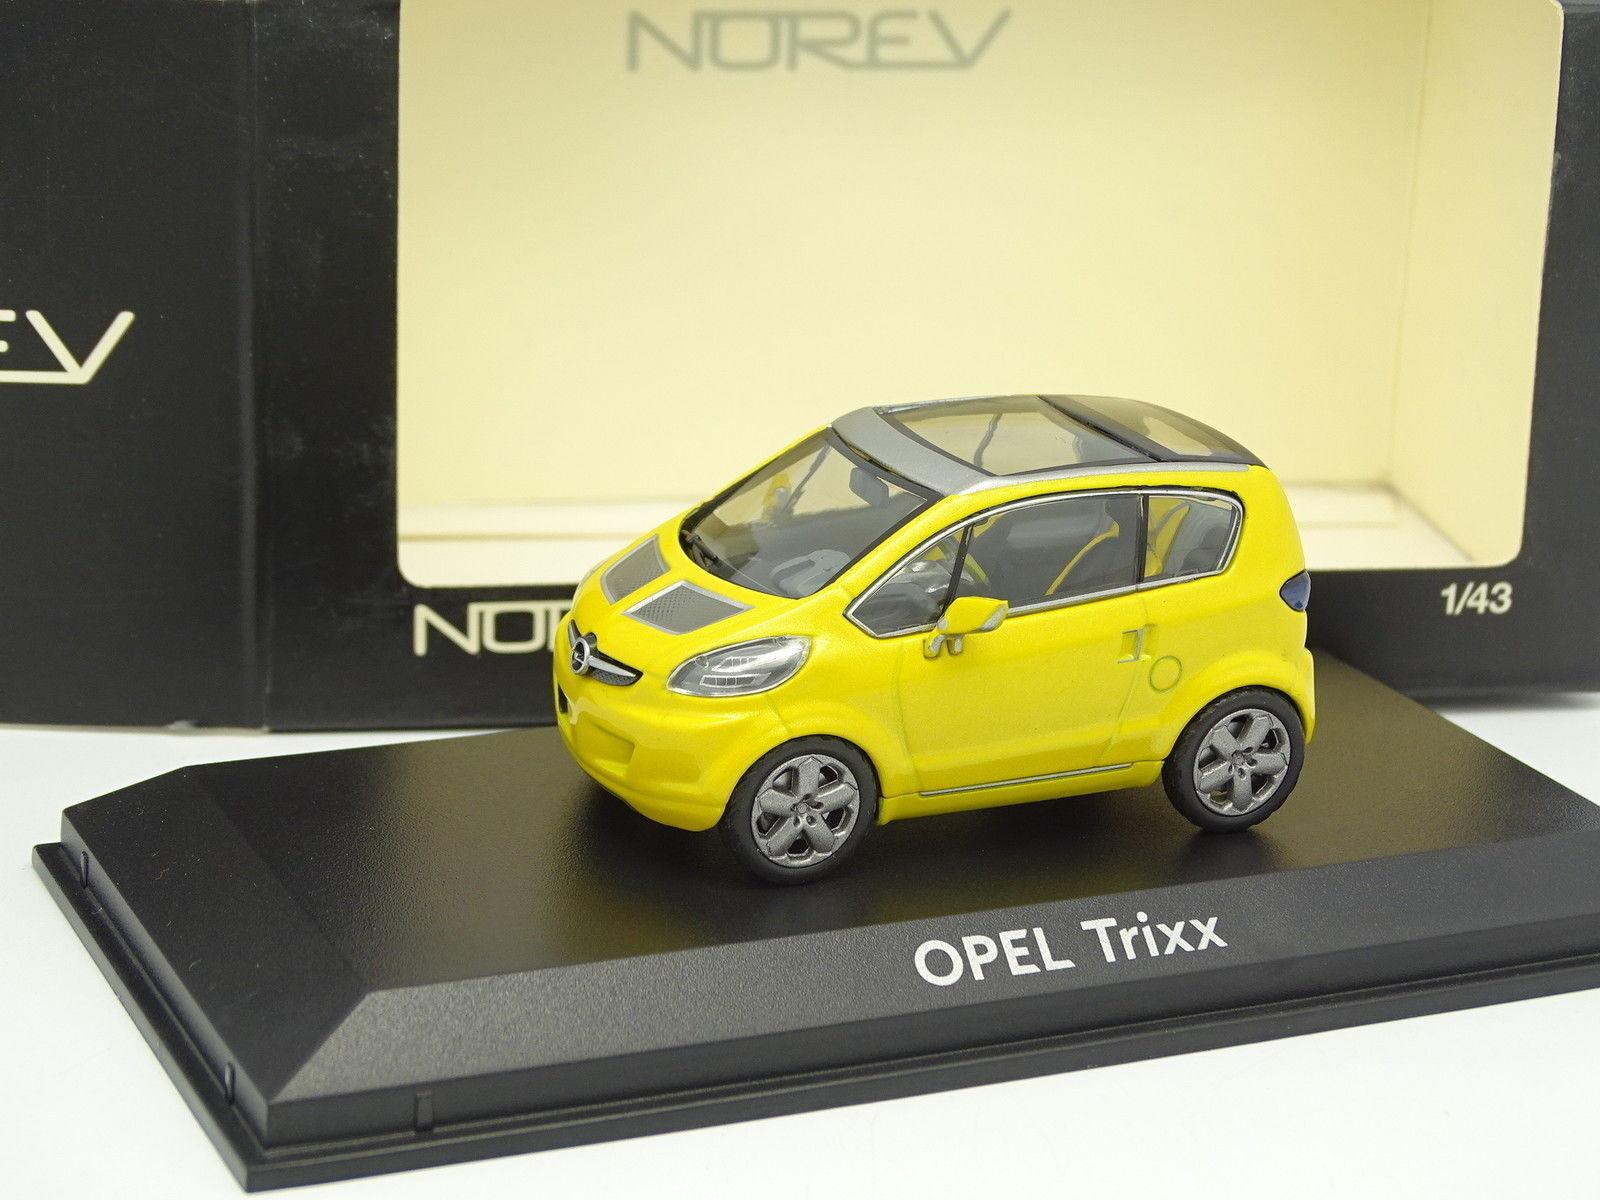 Norev 1 43 - Opel Trixx Concept Car